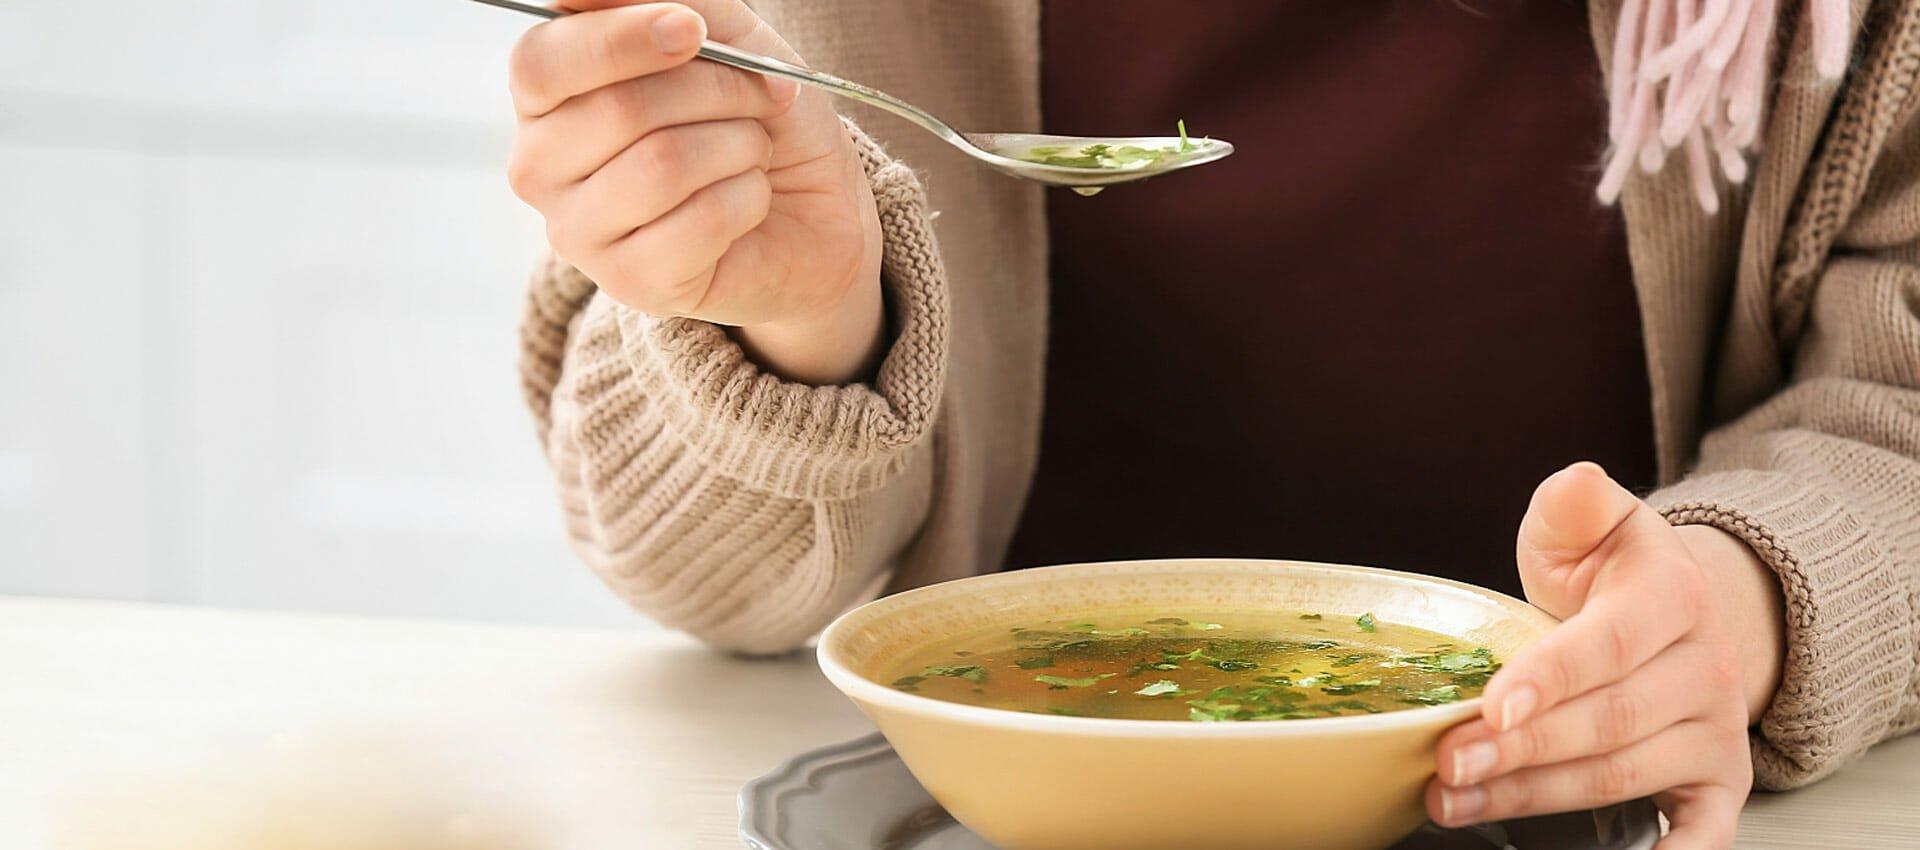 مواد غذایی مفید در مبارزه با کرونا